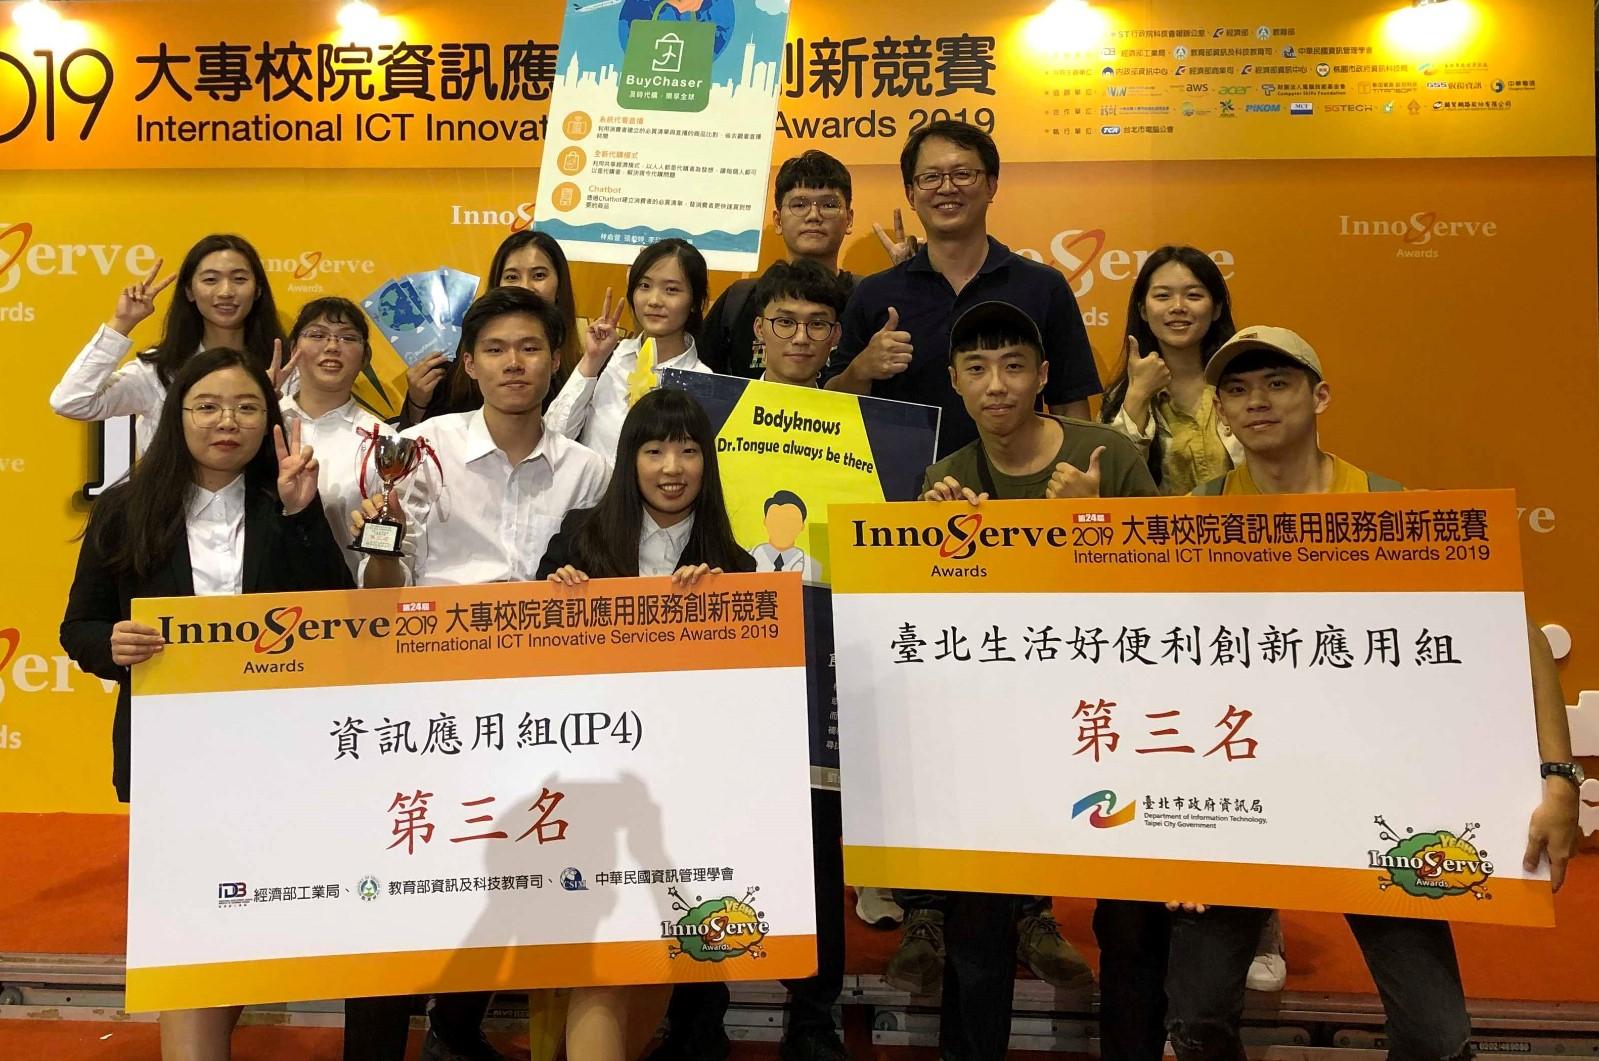 中原資管系學生在李國誠老師(後排右二)指導下,研發系統為健康把關,贏得兩個獎項。.jpg